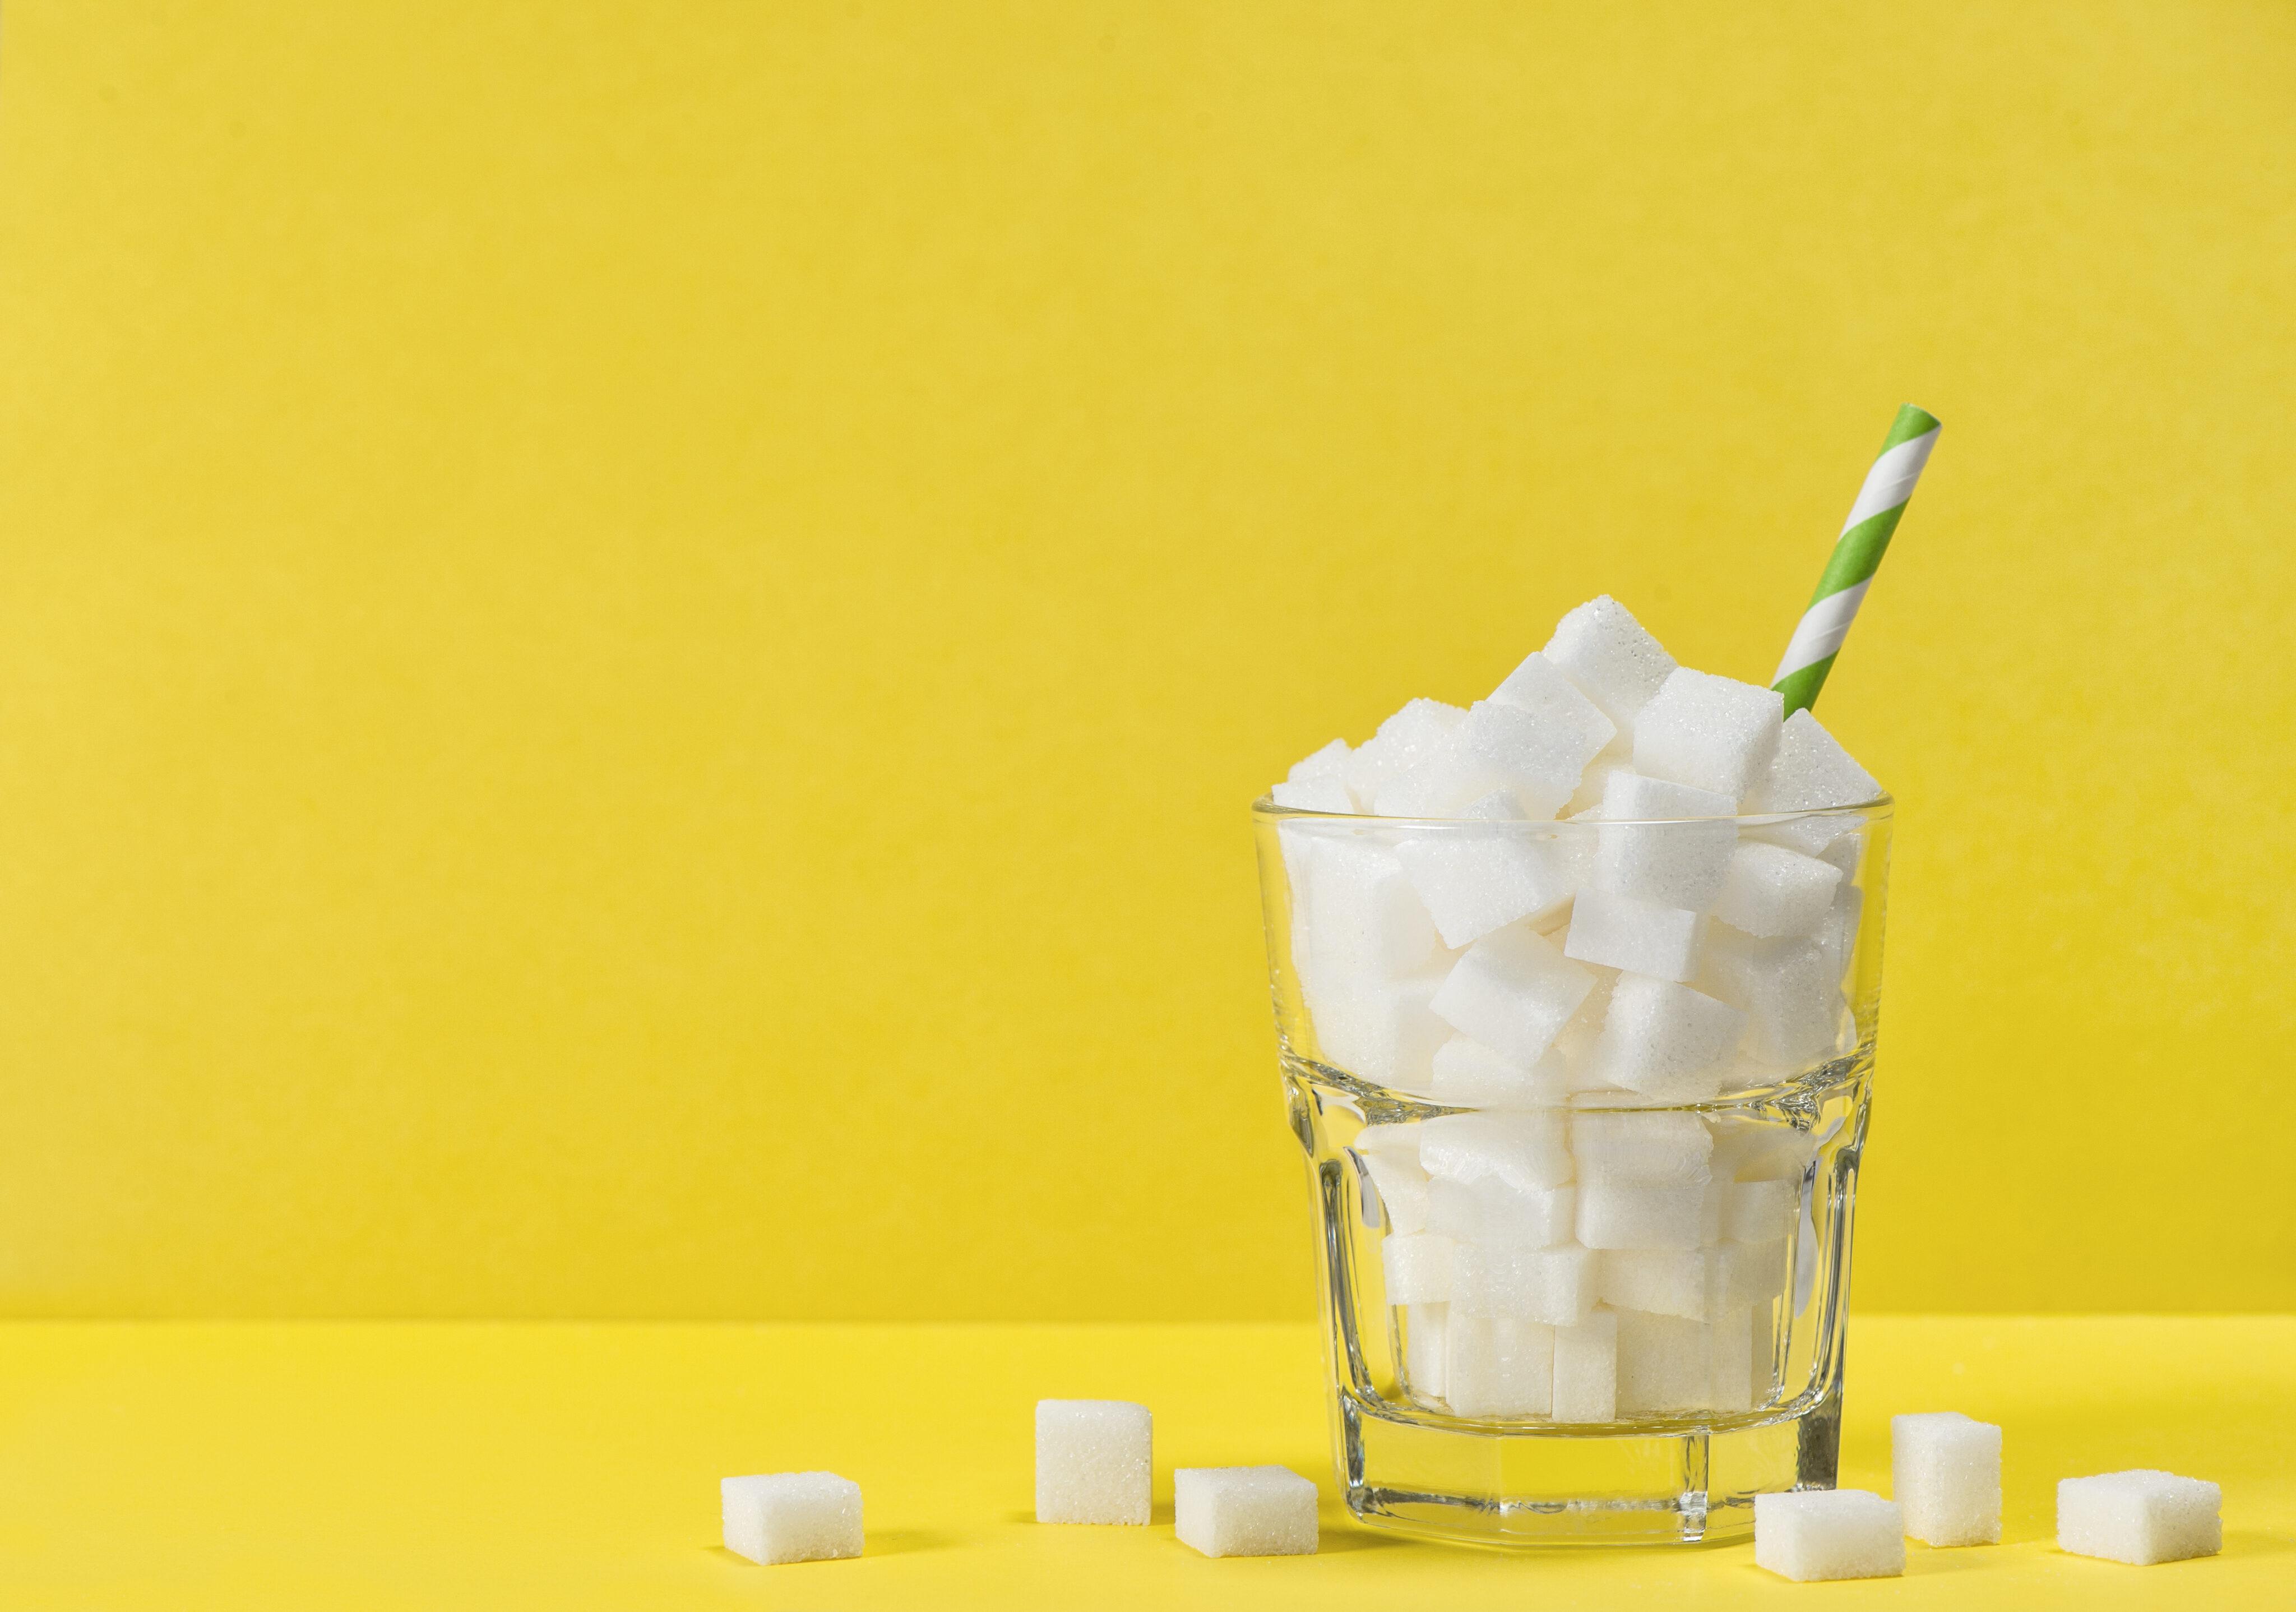 Sokeri Haitat